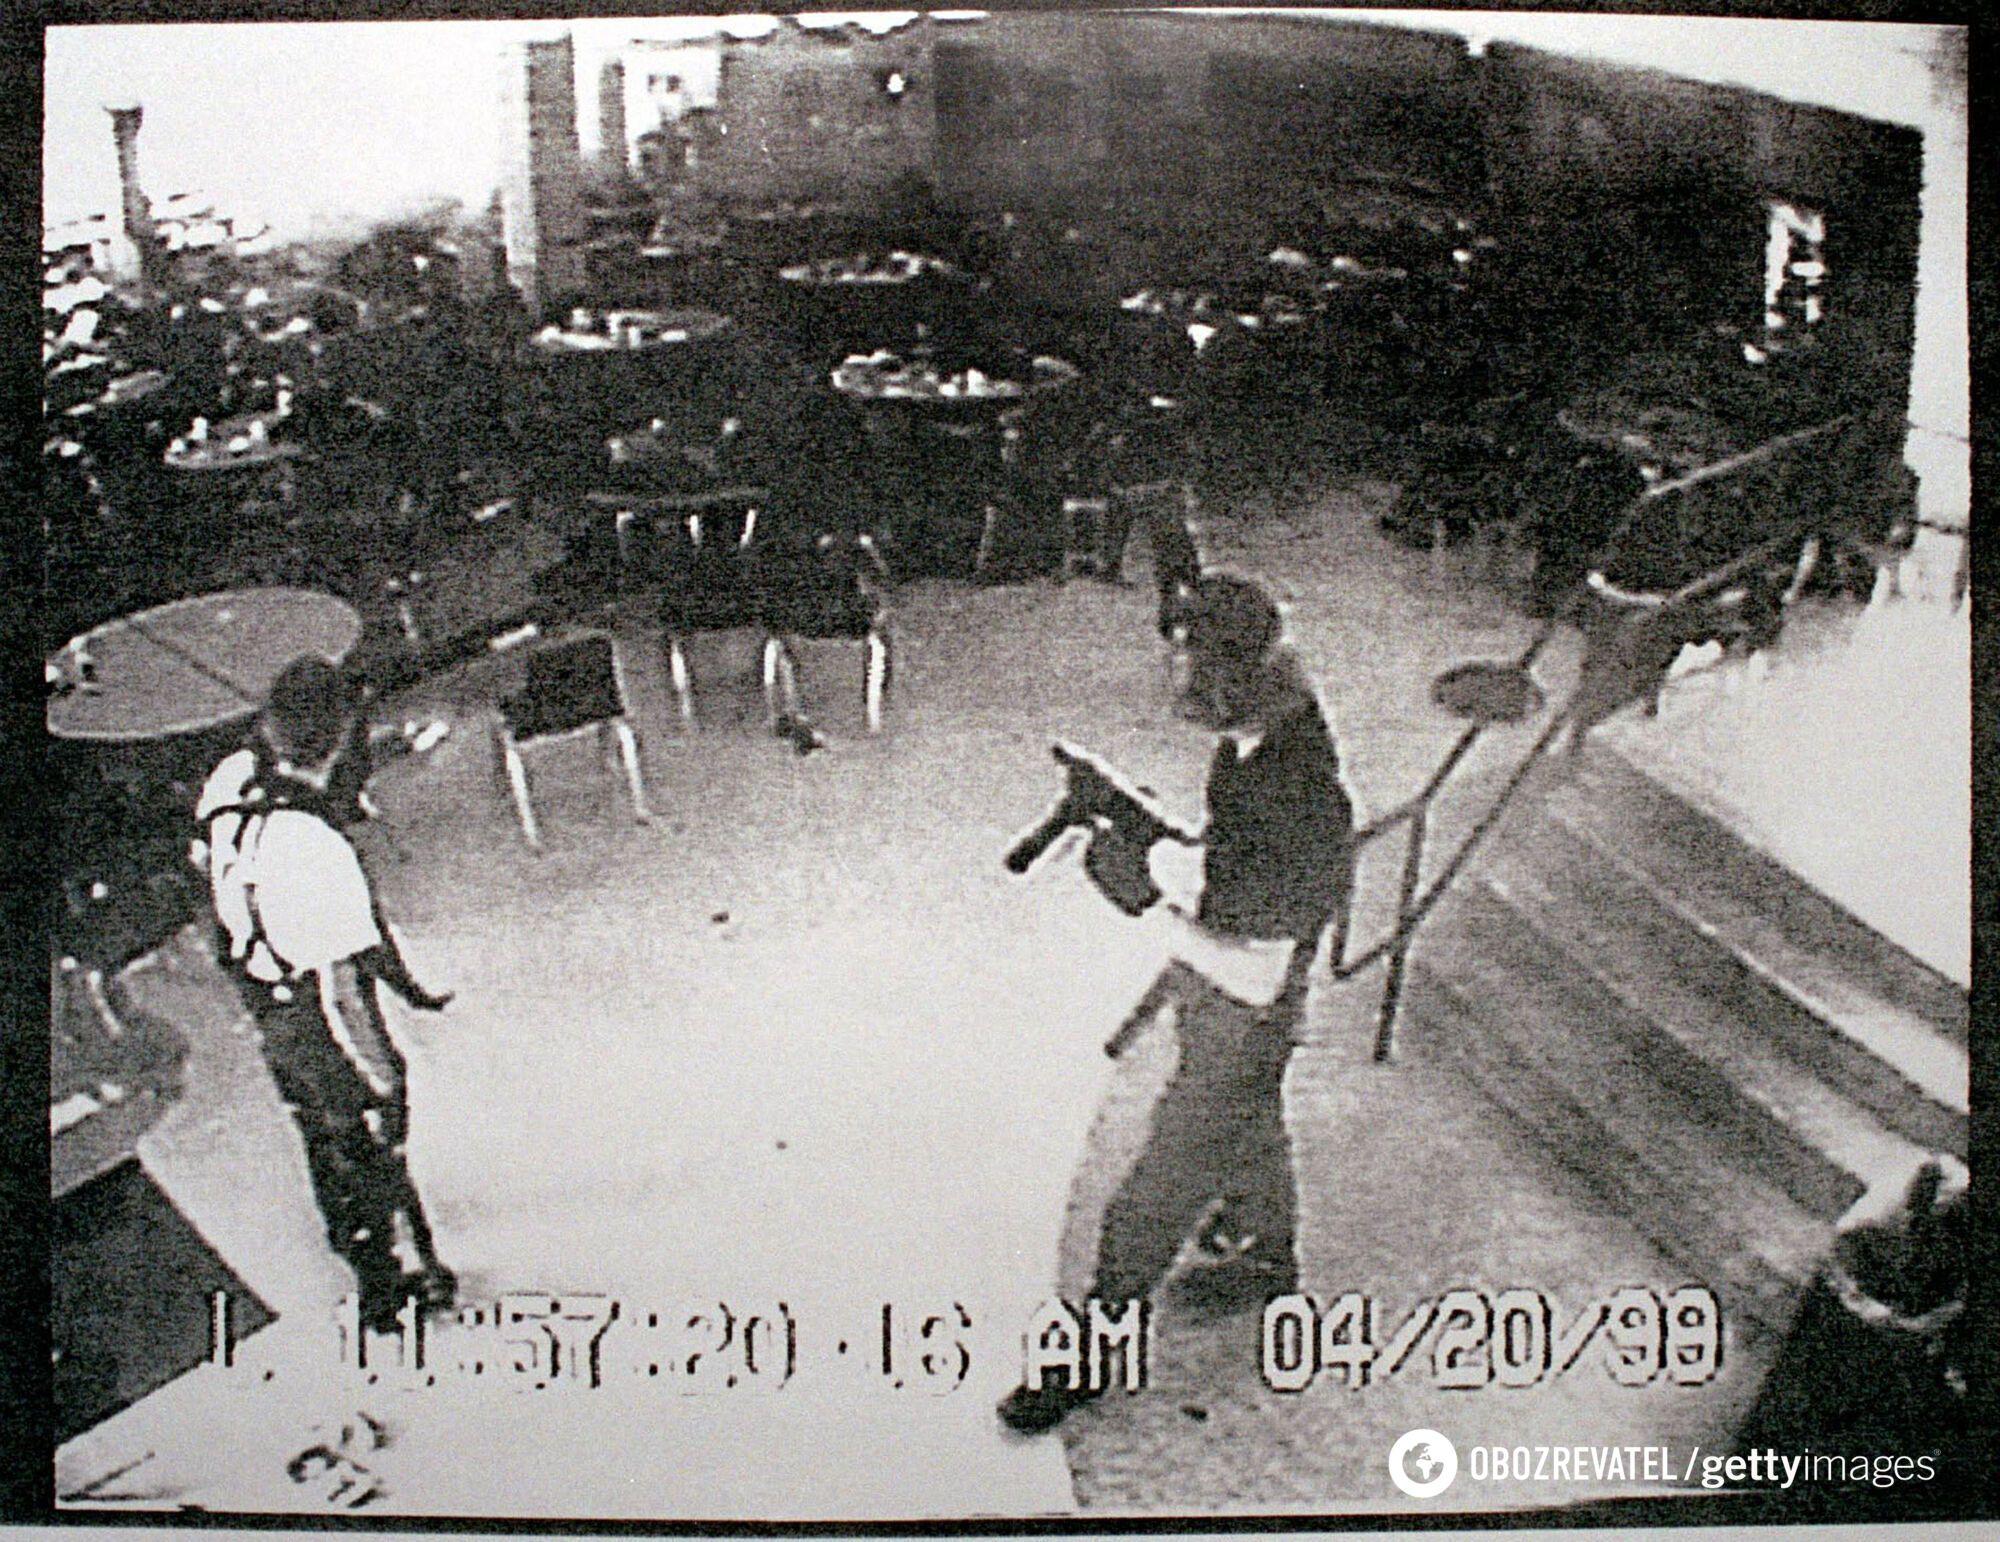 Главной целью Клиболда и Харриса было убийство как можно большего количества людей